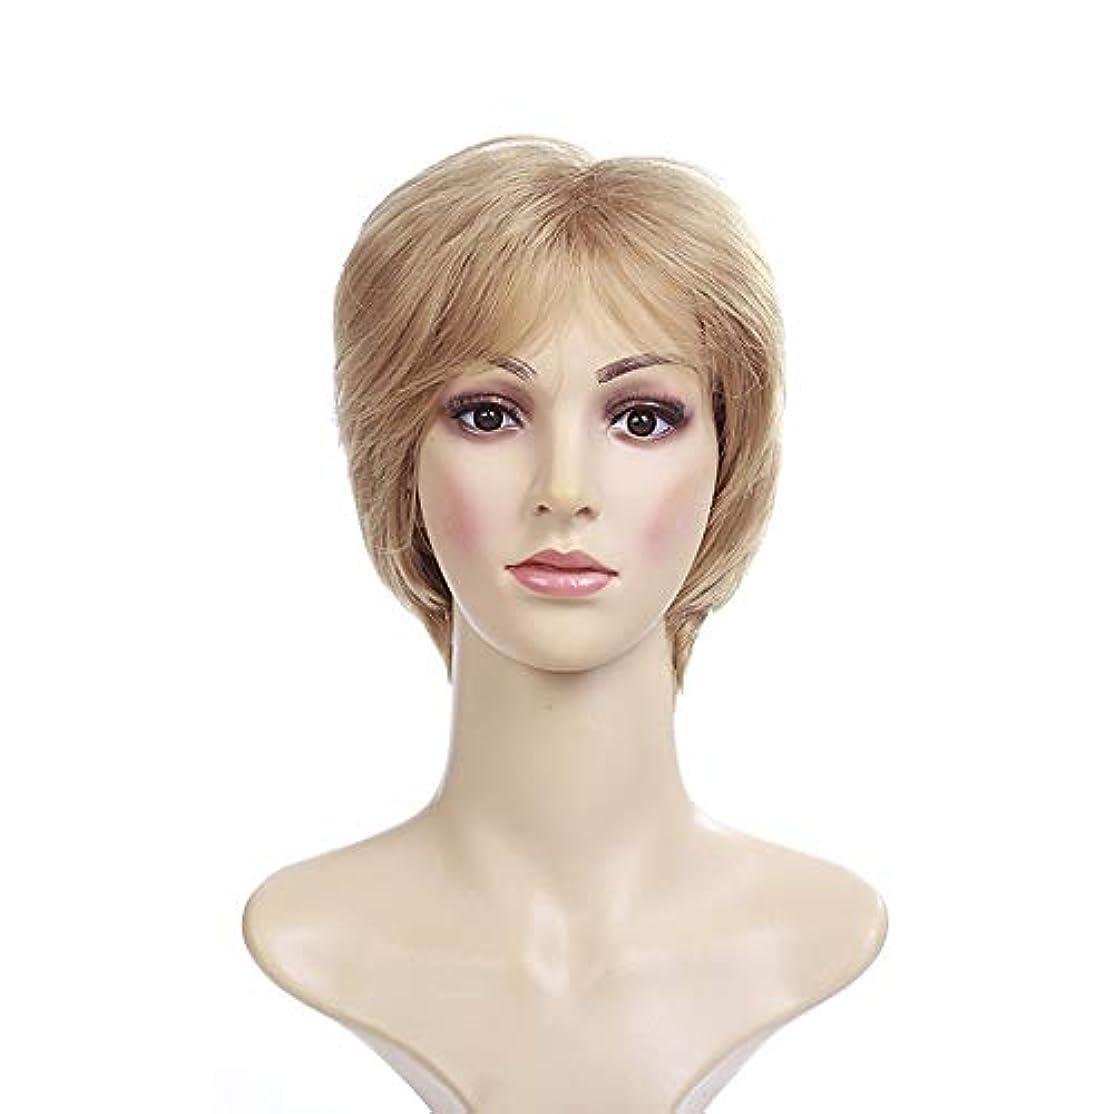 項目やさしいふりをするYOUQIU 女性のフルボブウィッグ+無料キャップかつらのための合成ショートストレートブロンドウィッグ (色 : Blonde)